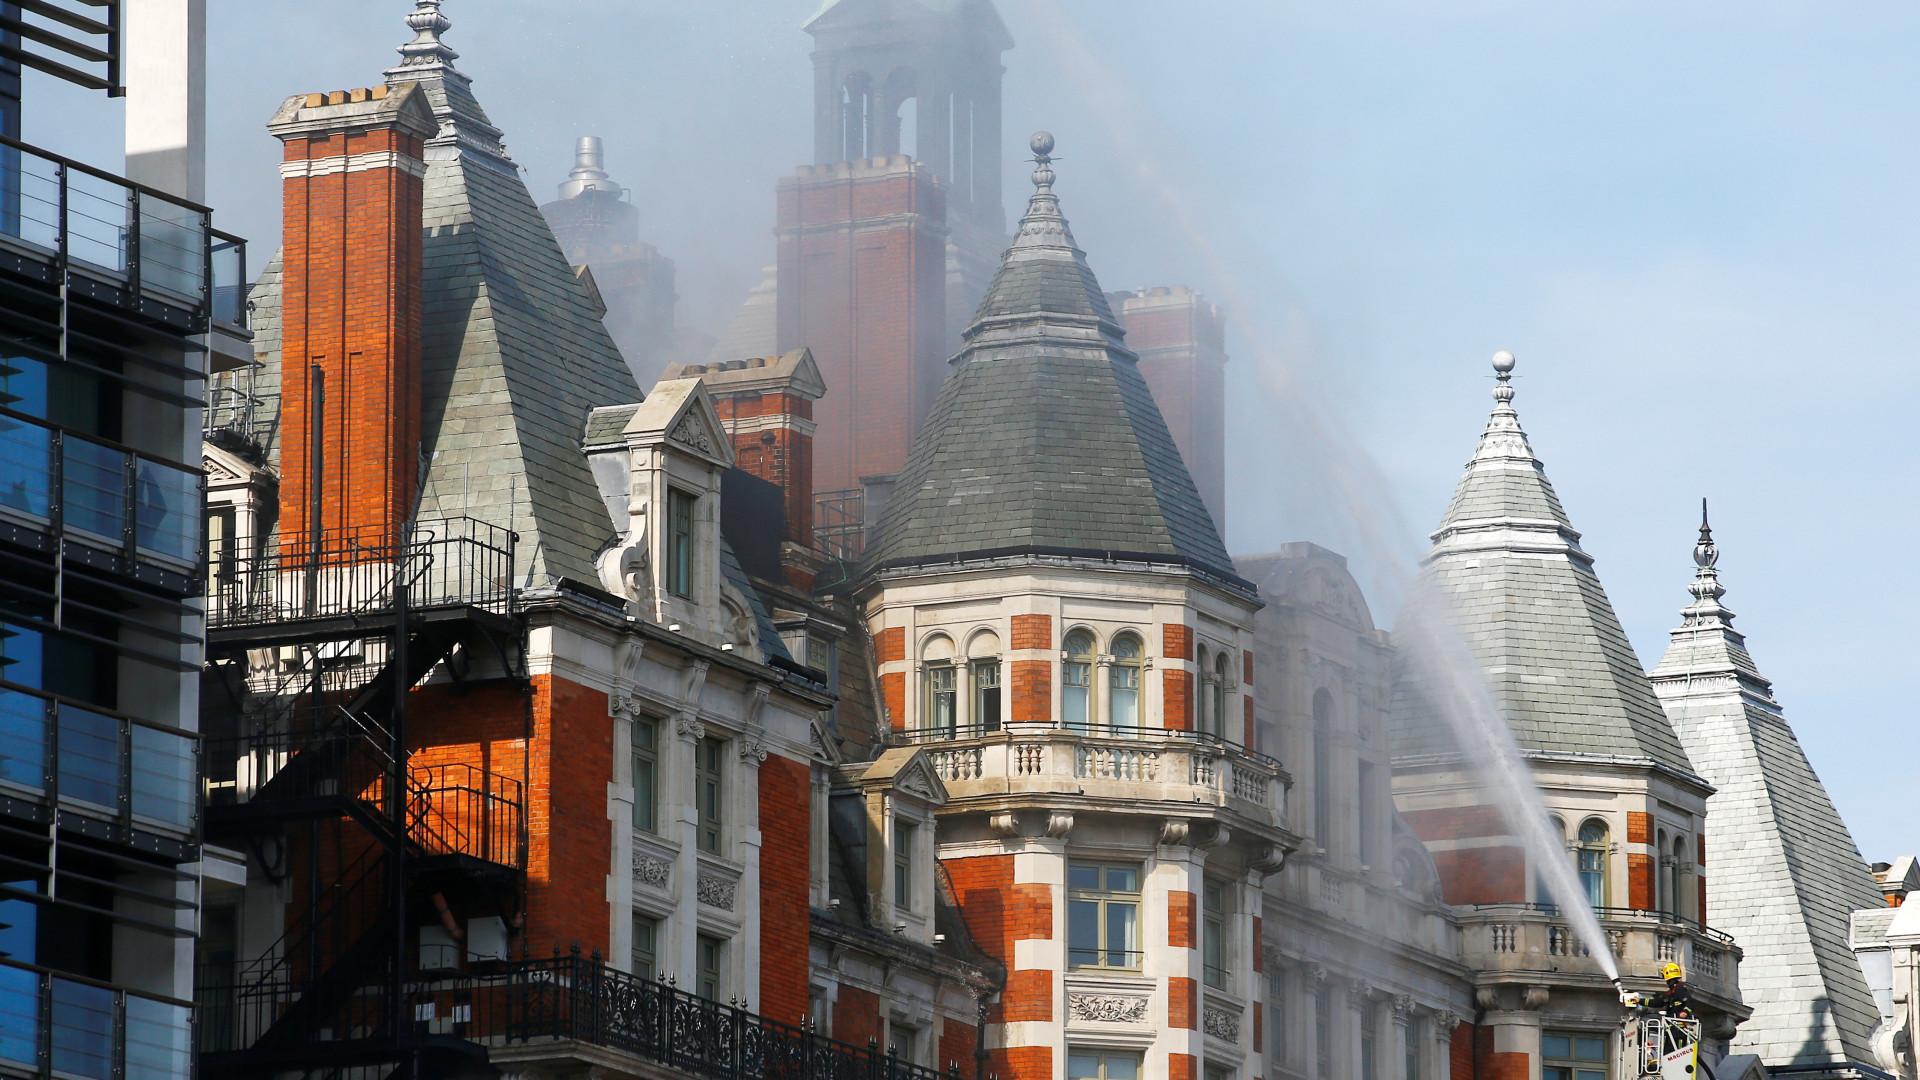 Londres: Bombeiros sem indicação de feridos no incêndio em hotel de luxo